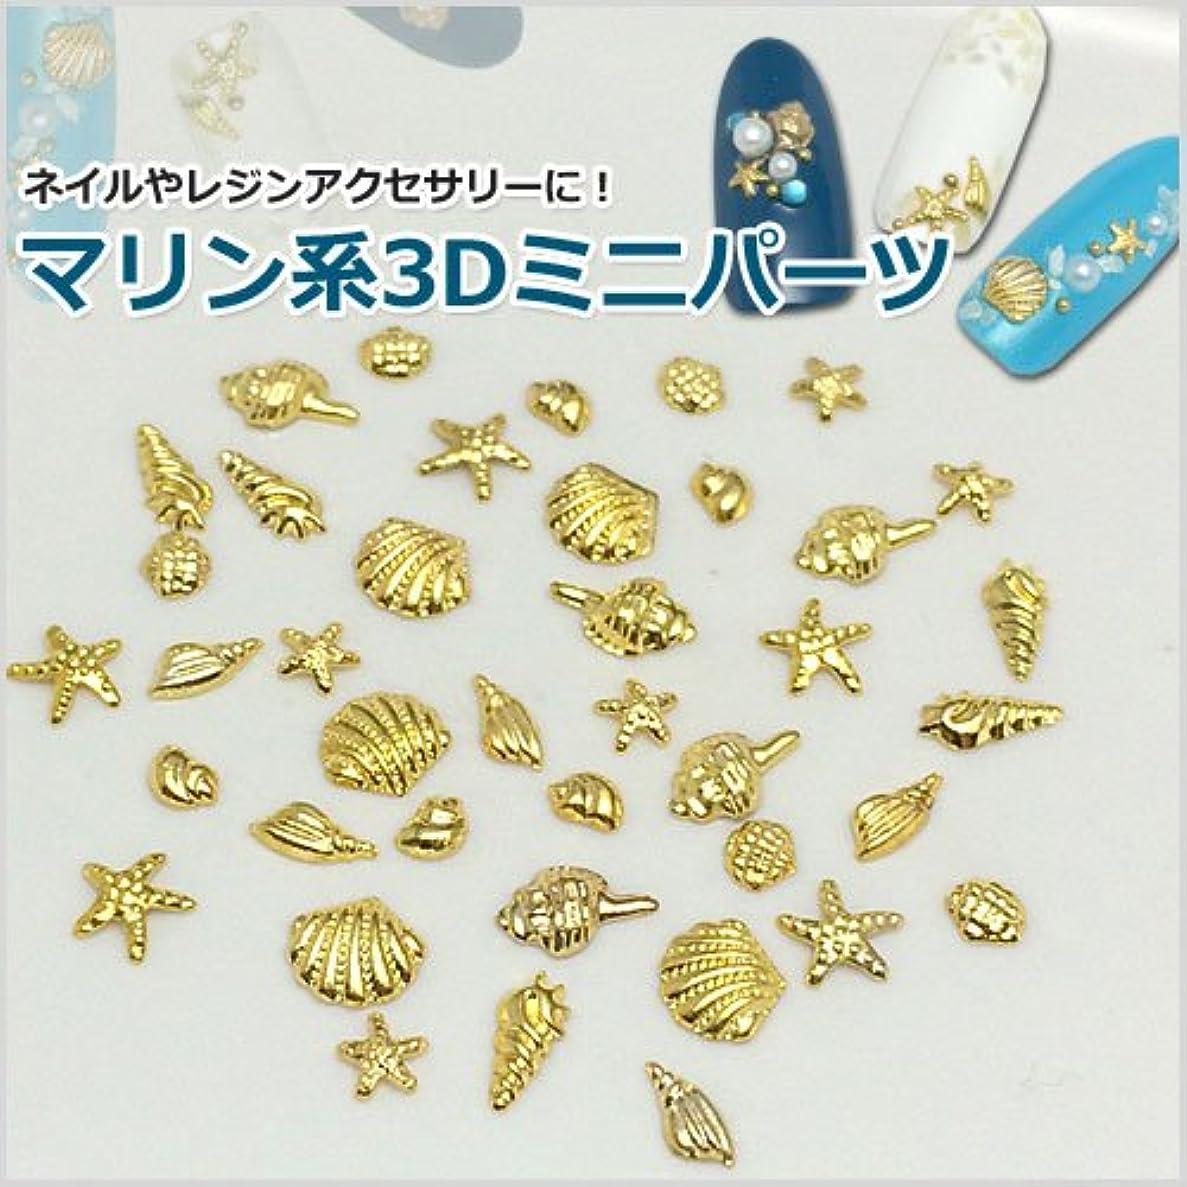 プールビートエアコンマリン系3Dミニメタルパーツ8種セット/合計40個入り「ゴールド」-シェル&ヒトデ-(ネイル?レジンアクセサリー?ネイルパーツ) [並行輸入品]